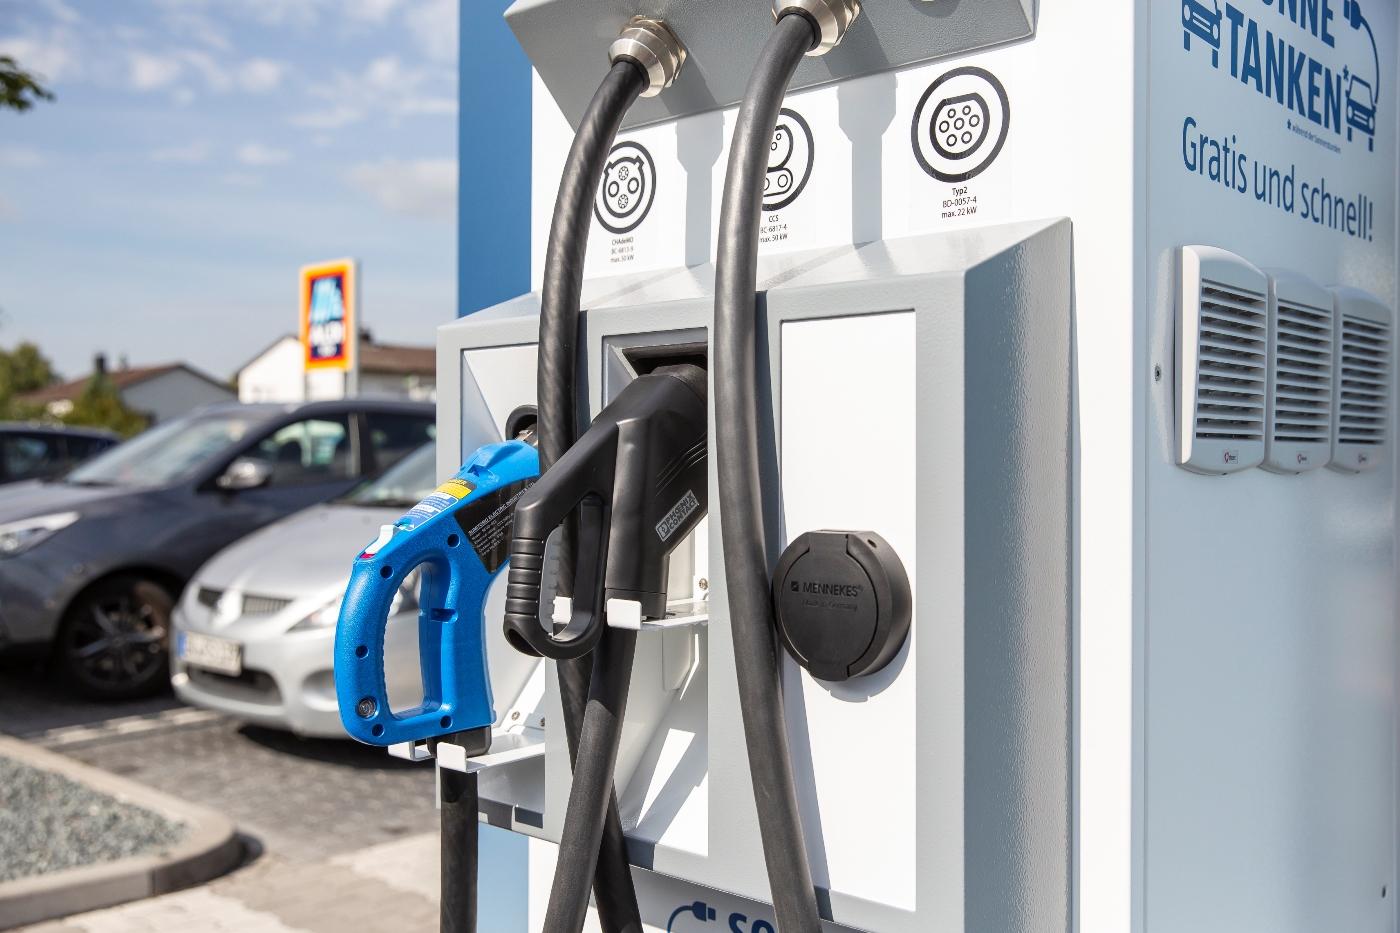 Bei ALDI SÜD können Kunden kostenlos Strom tanken.